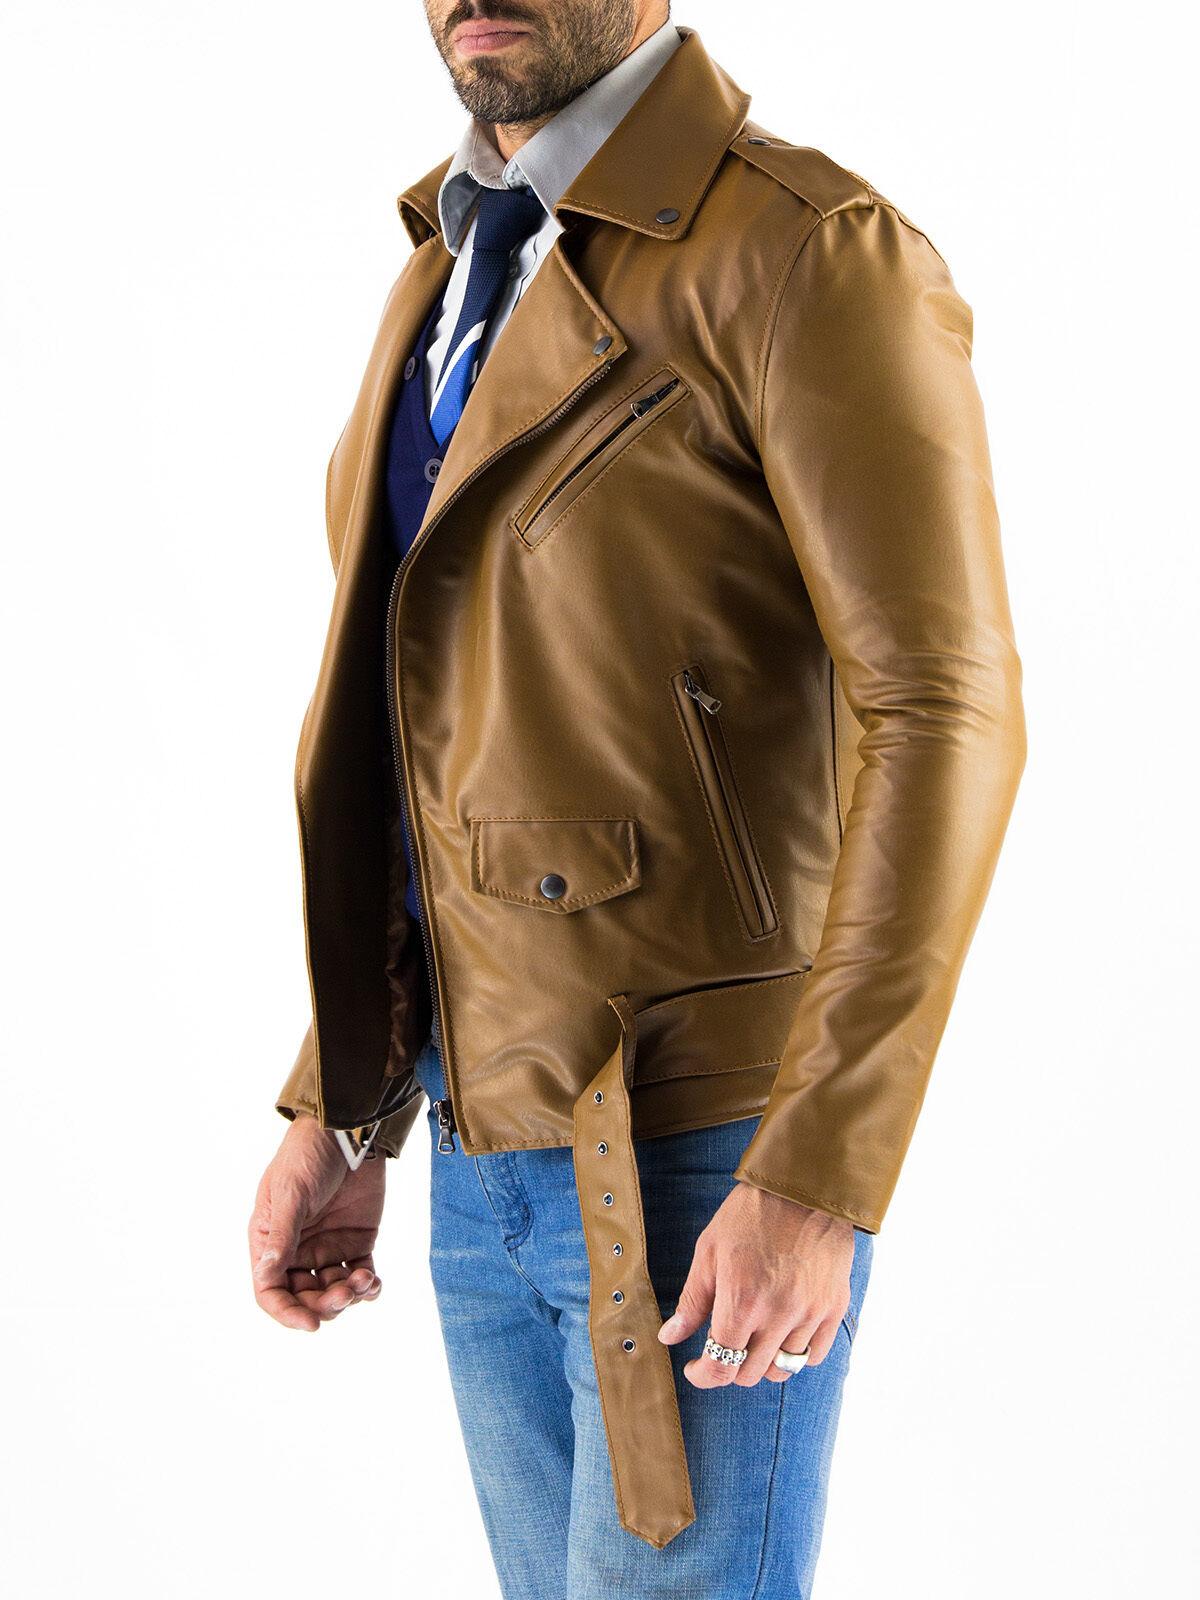 US Veste en cuir Hommes veste cuir Herren Lederjacke Chaqueta Cuero Q12ckh3